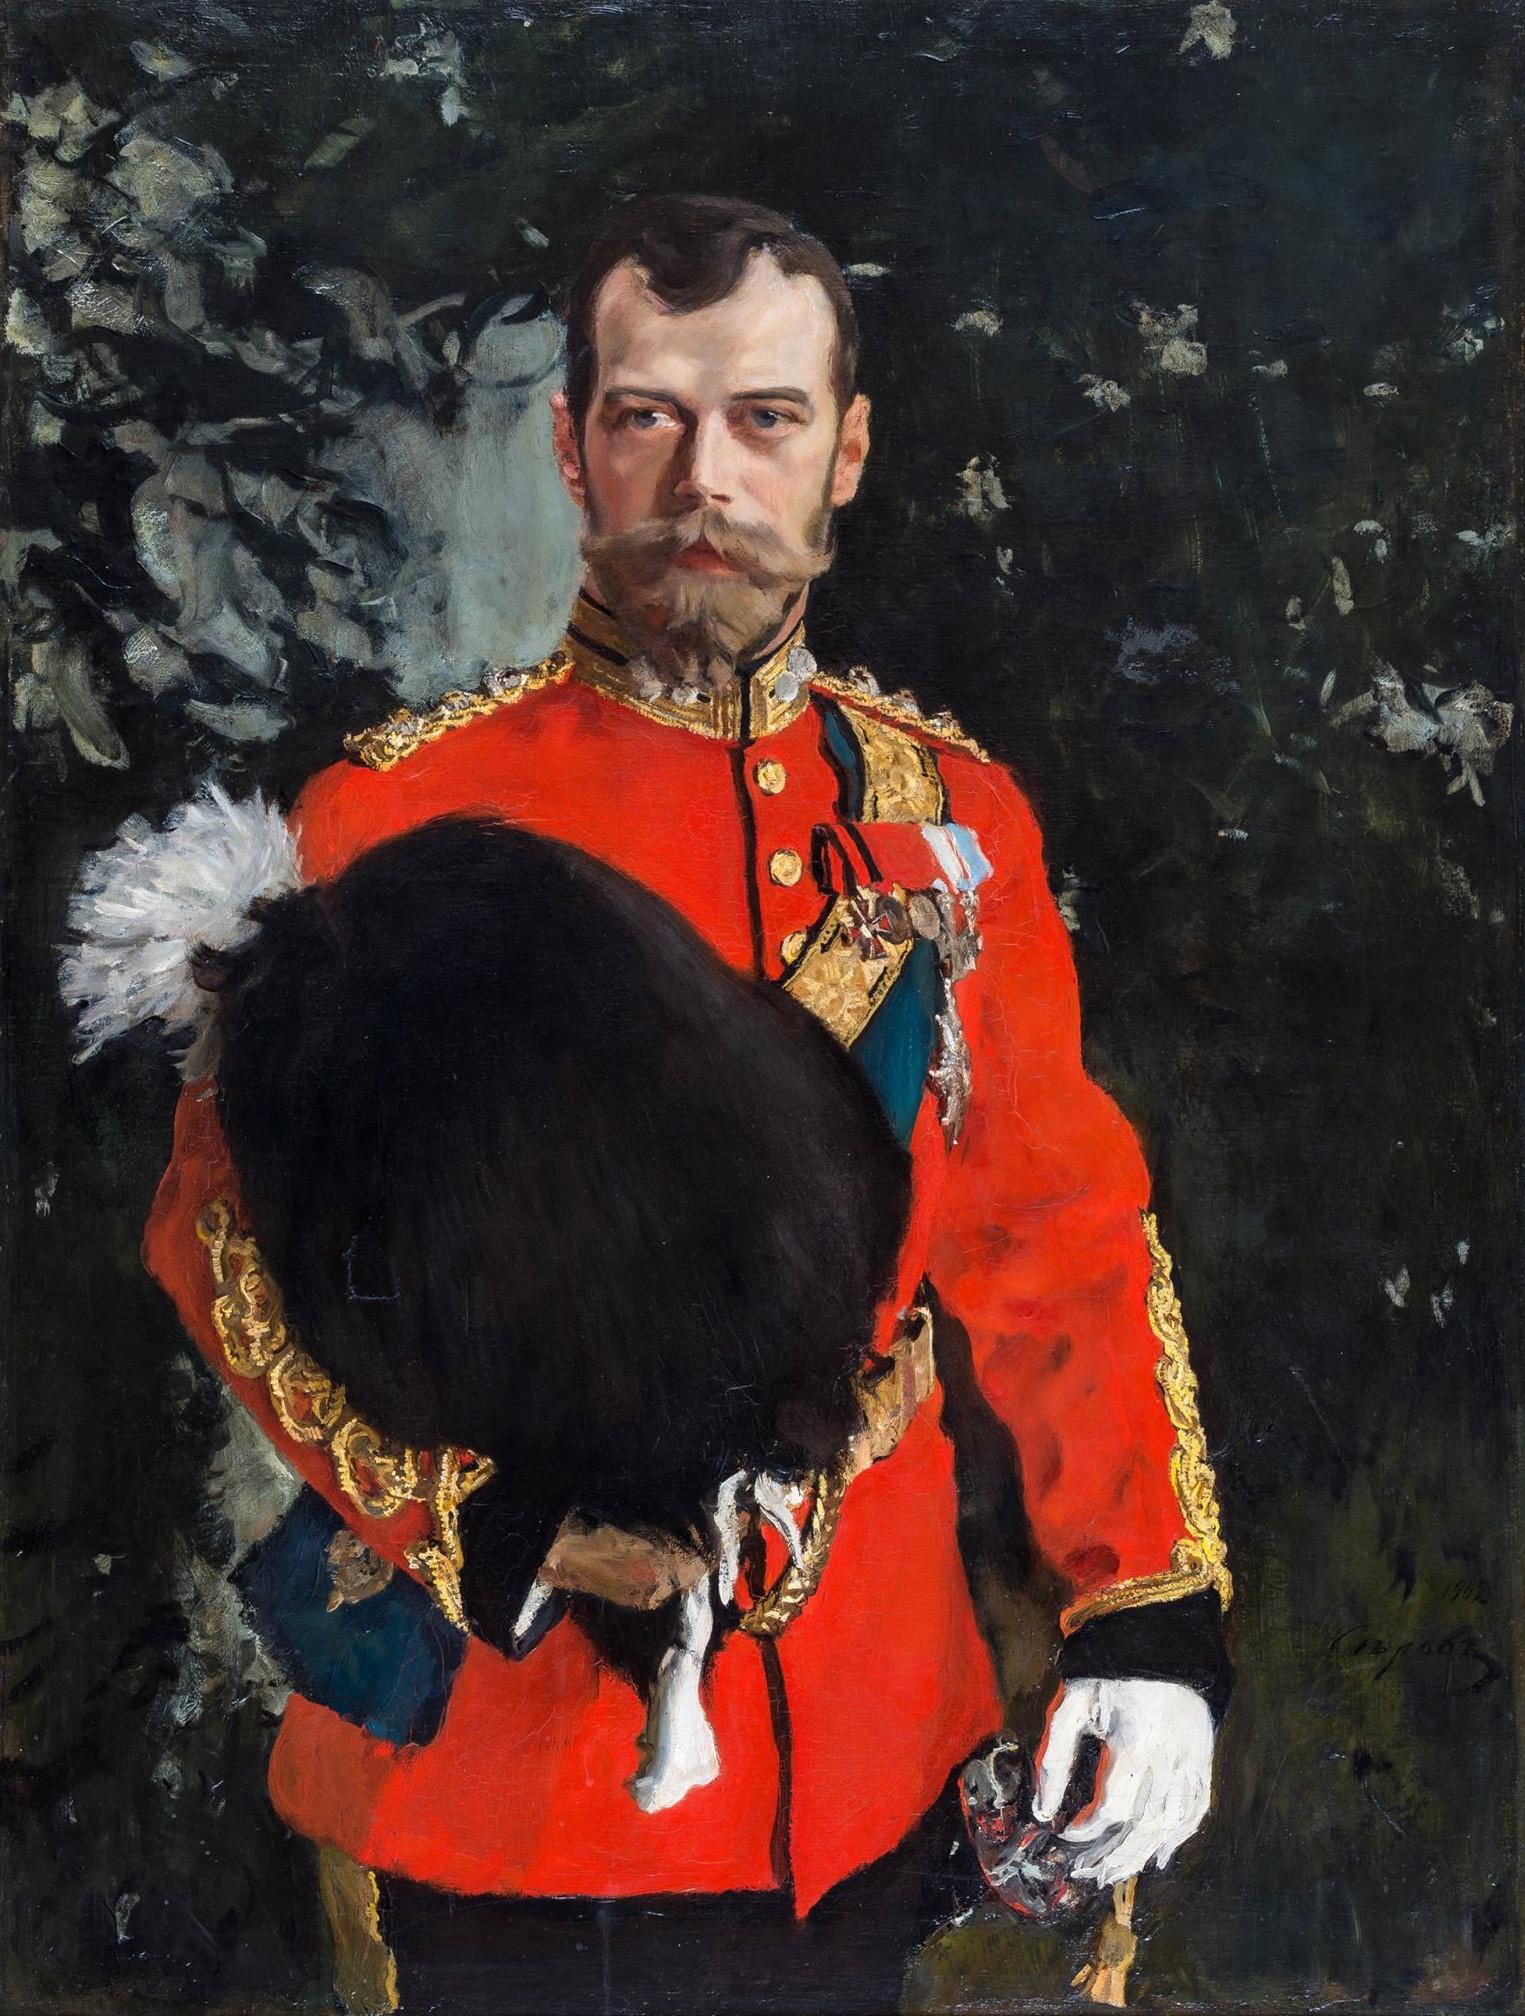 Retrato de Nicolás II, coronel en jefe de los Royal Scots Greys, 1902, obra de Valentín Serov. El emperador es vestido con uniforme completo como coronel en jefe de los 2dos Dragones (los Royal Scots Greys).